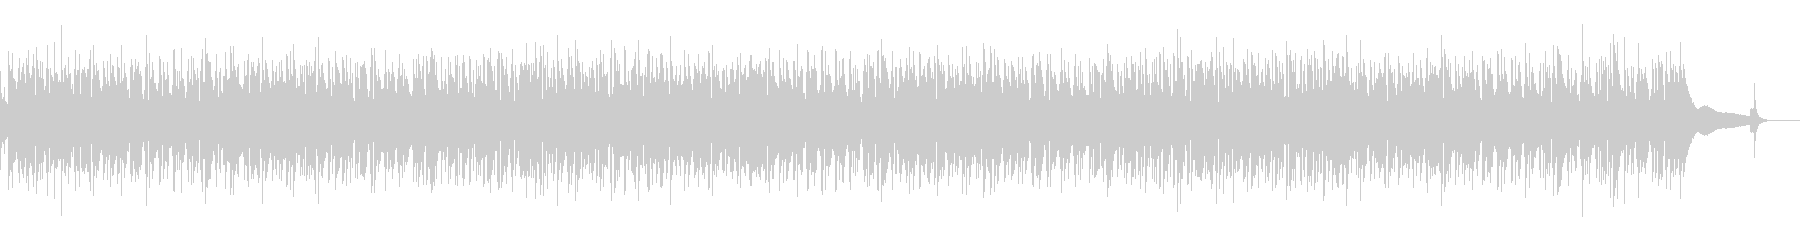 カフェBGM・哀愁のジプシージャズギターの未再生の波形